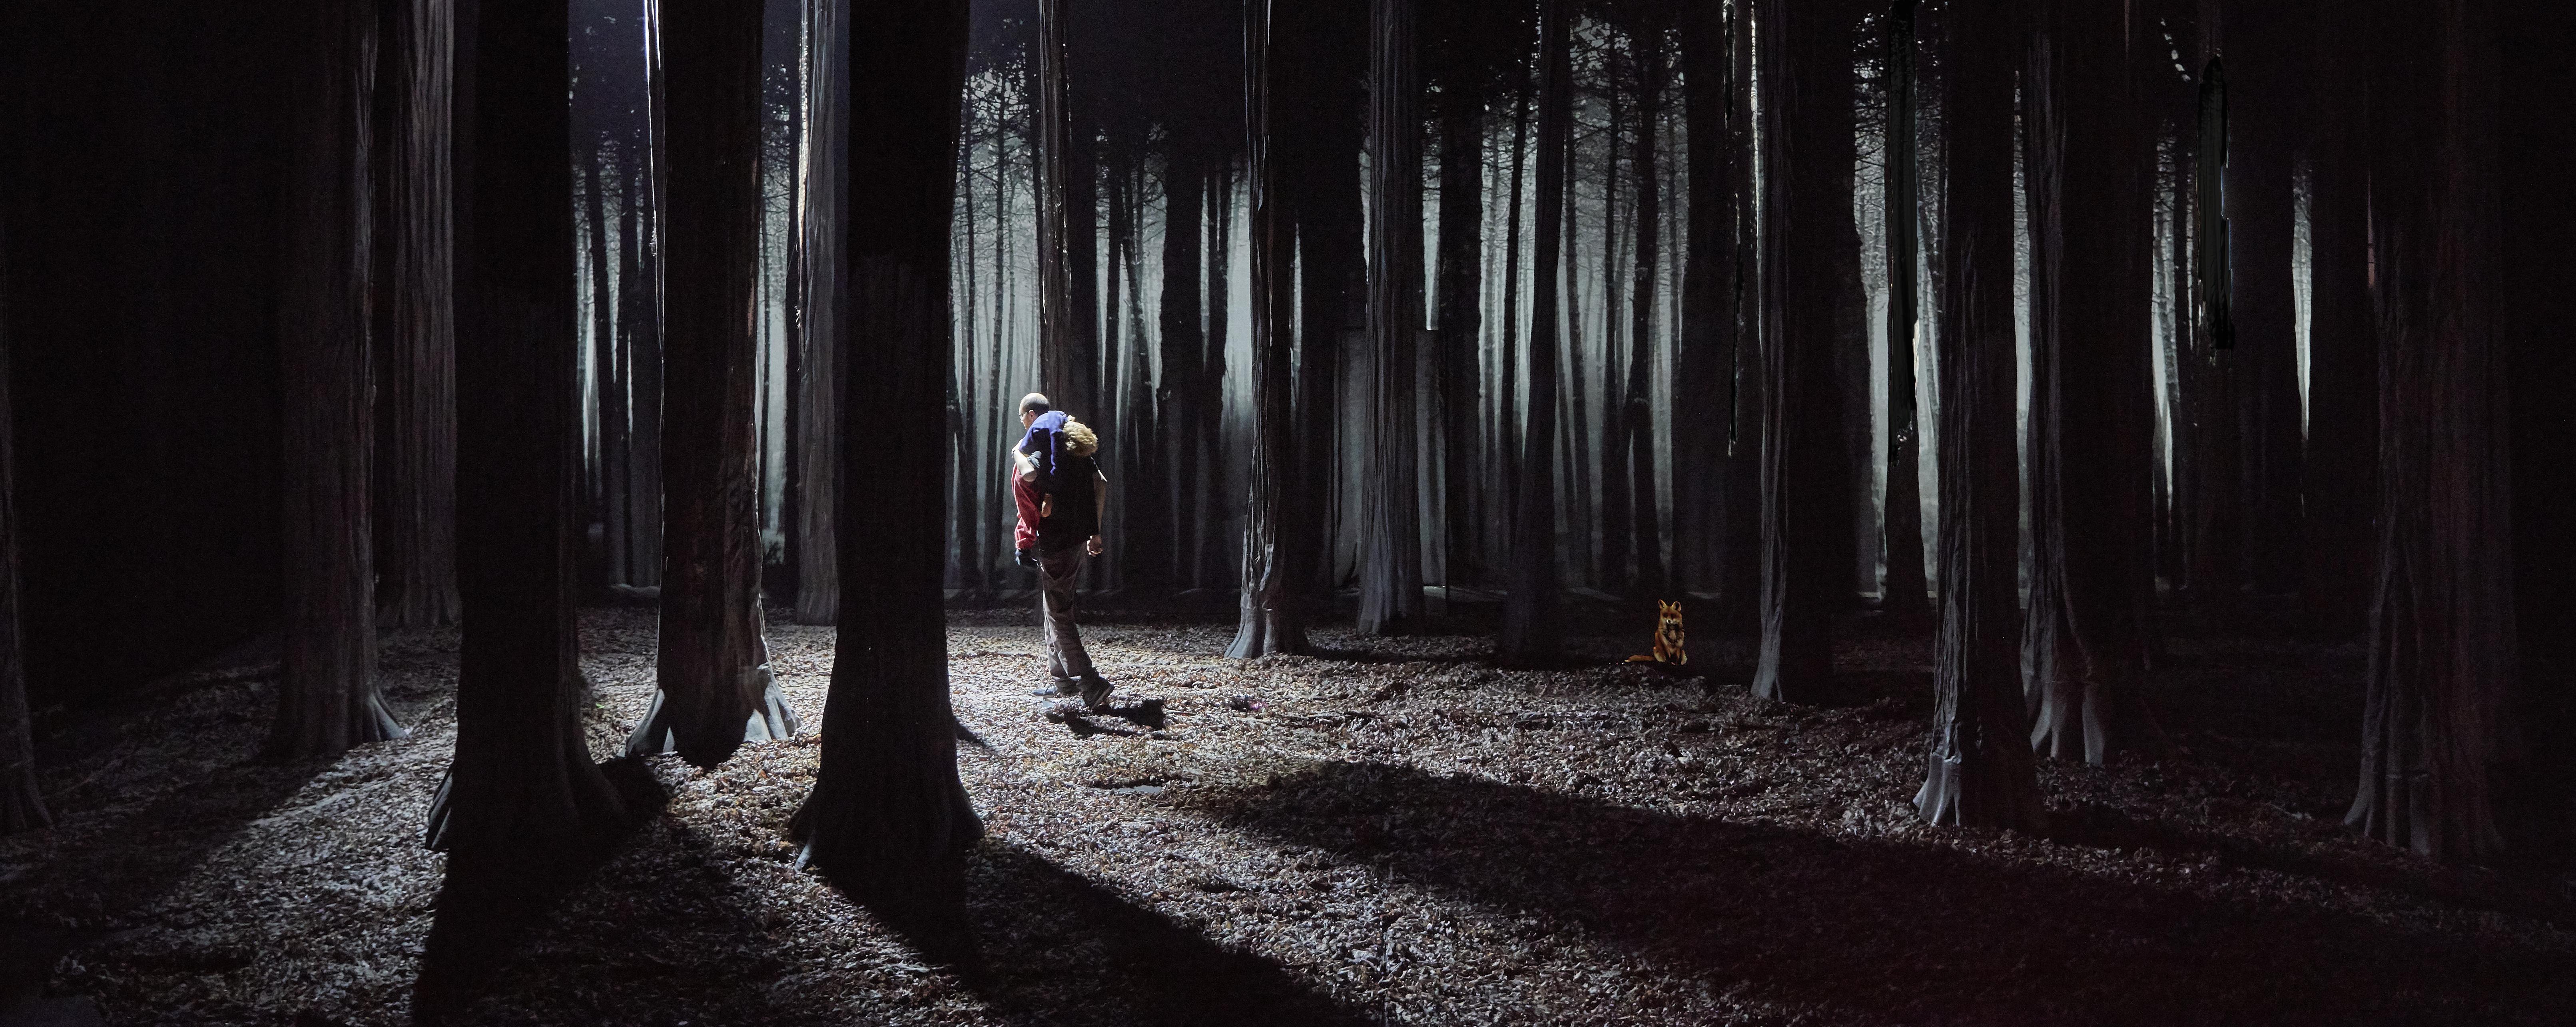 Le Bruit Des Loups © Prisma Laval